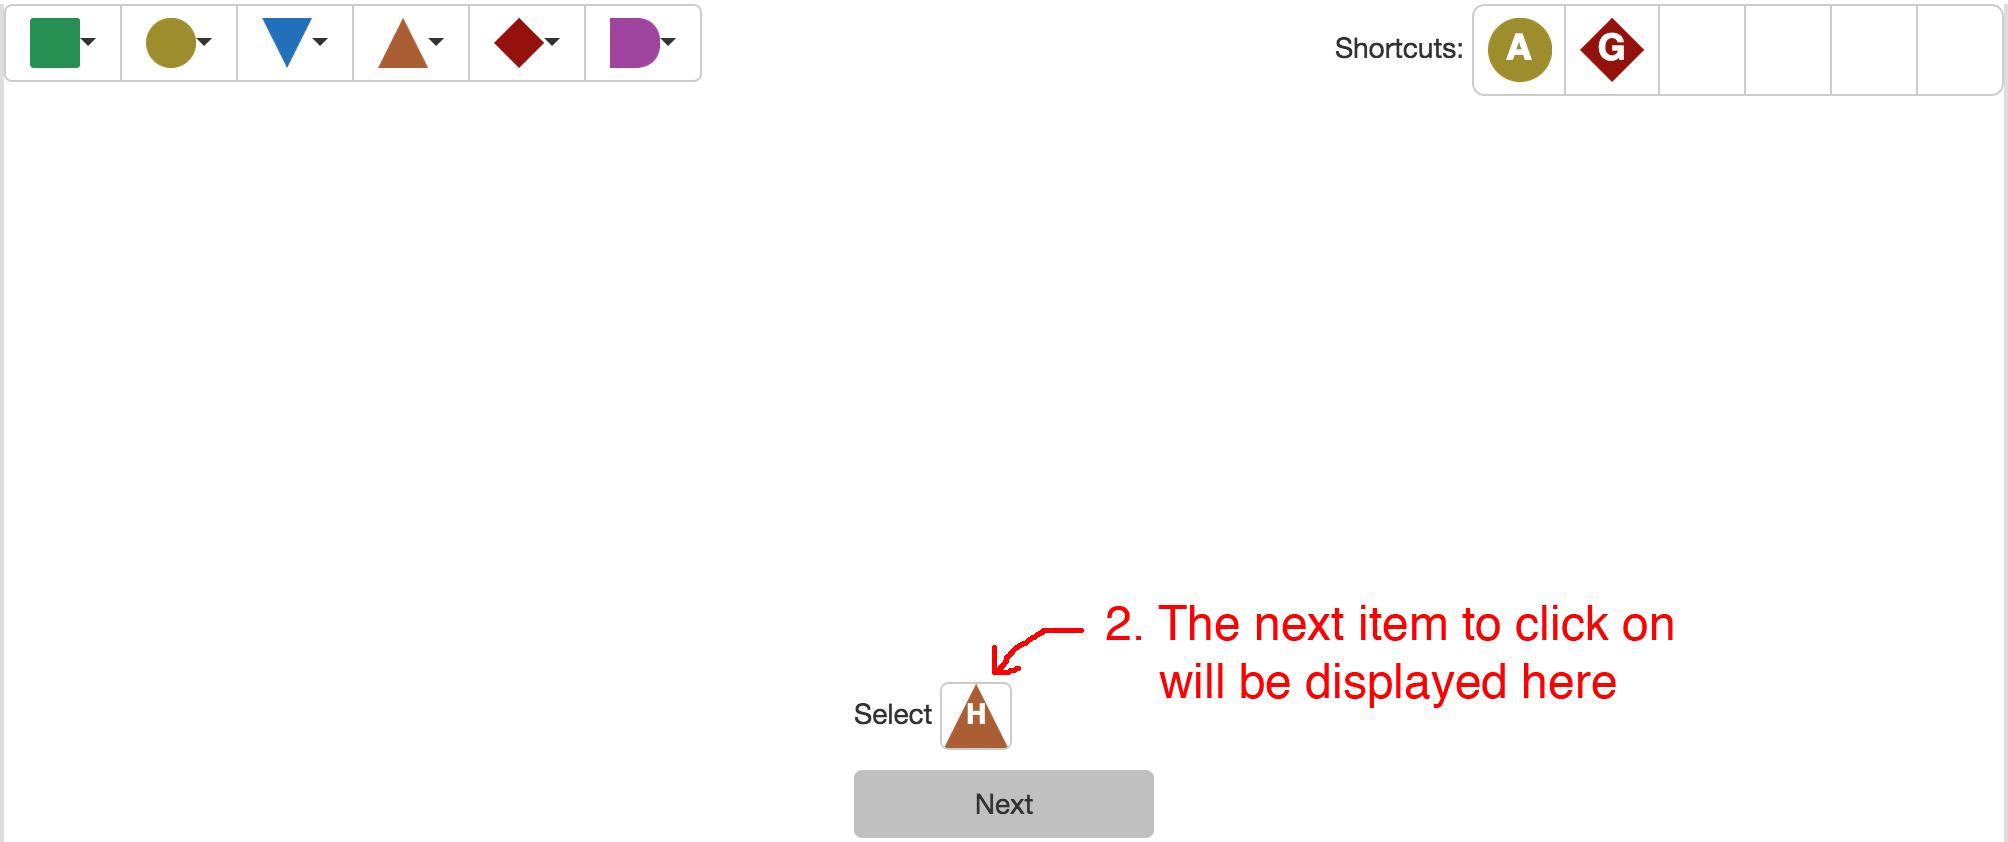 clicks per second test